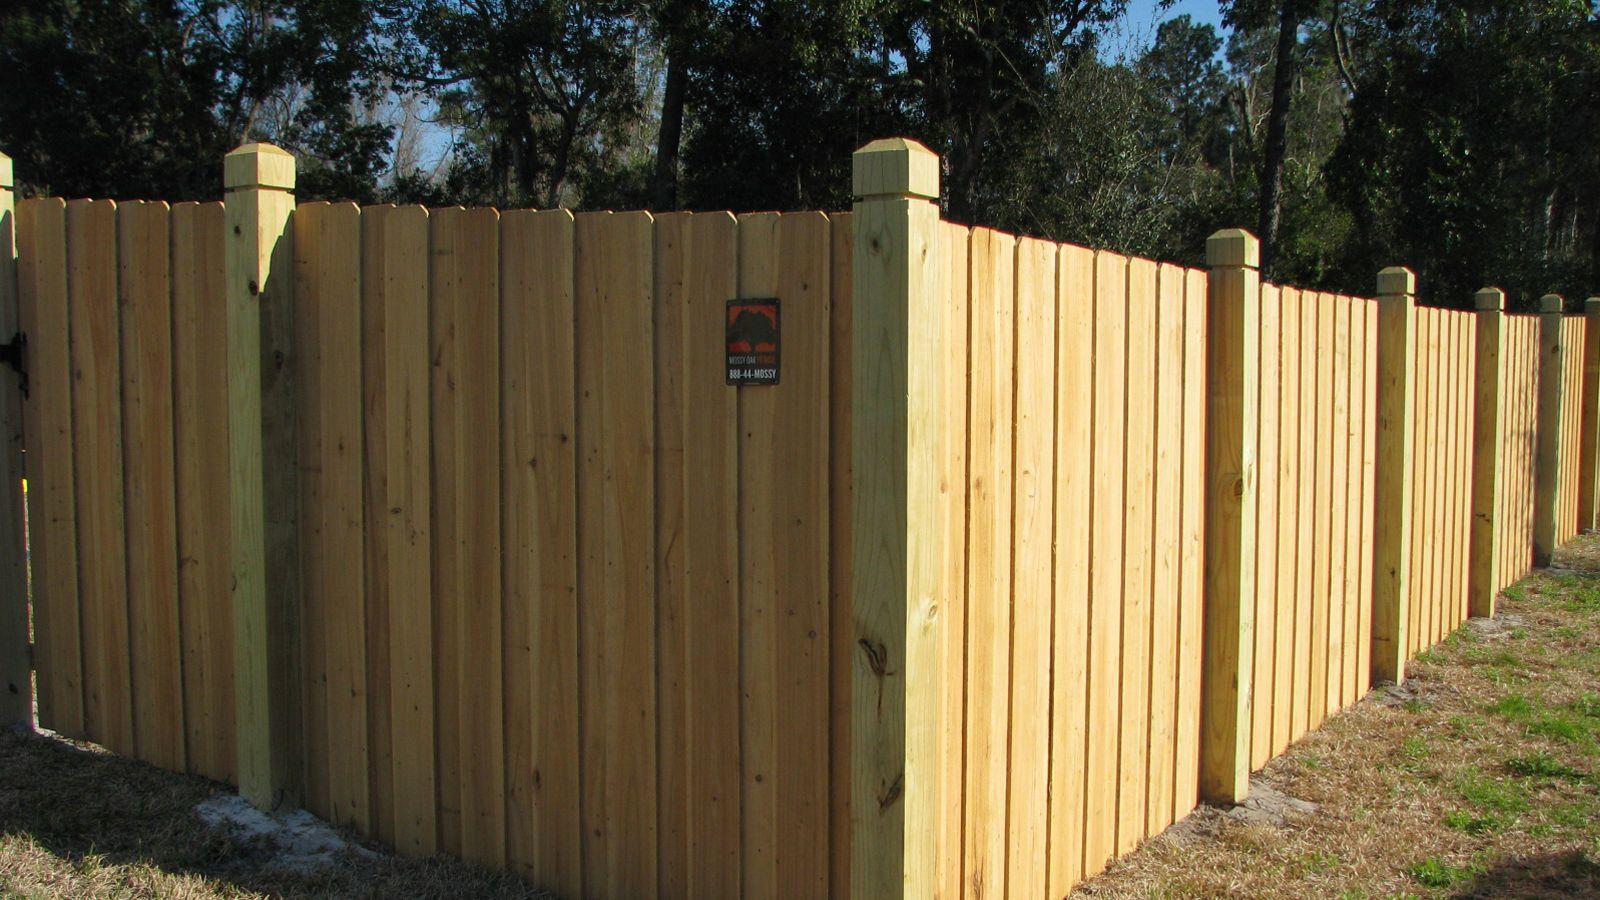 Wood board on board privacy fence by mossy oak fence wood fence wood board on board privacy fence by mossy oak fence baanklon Gallery